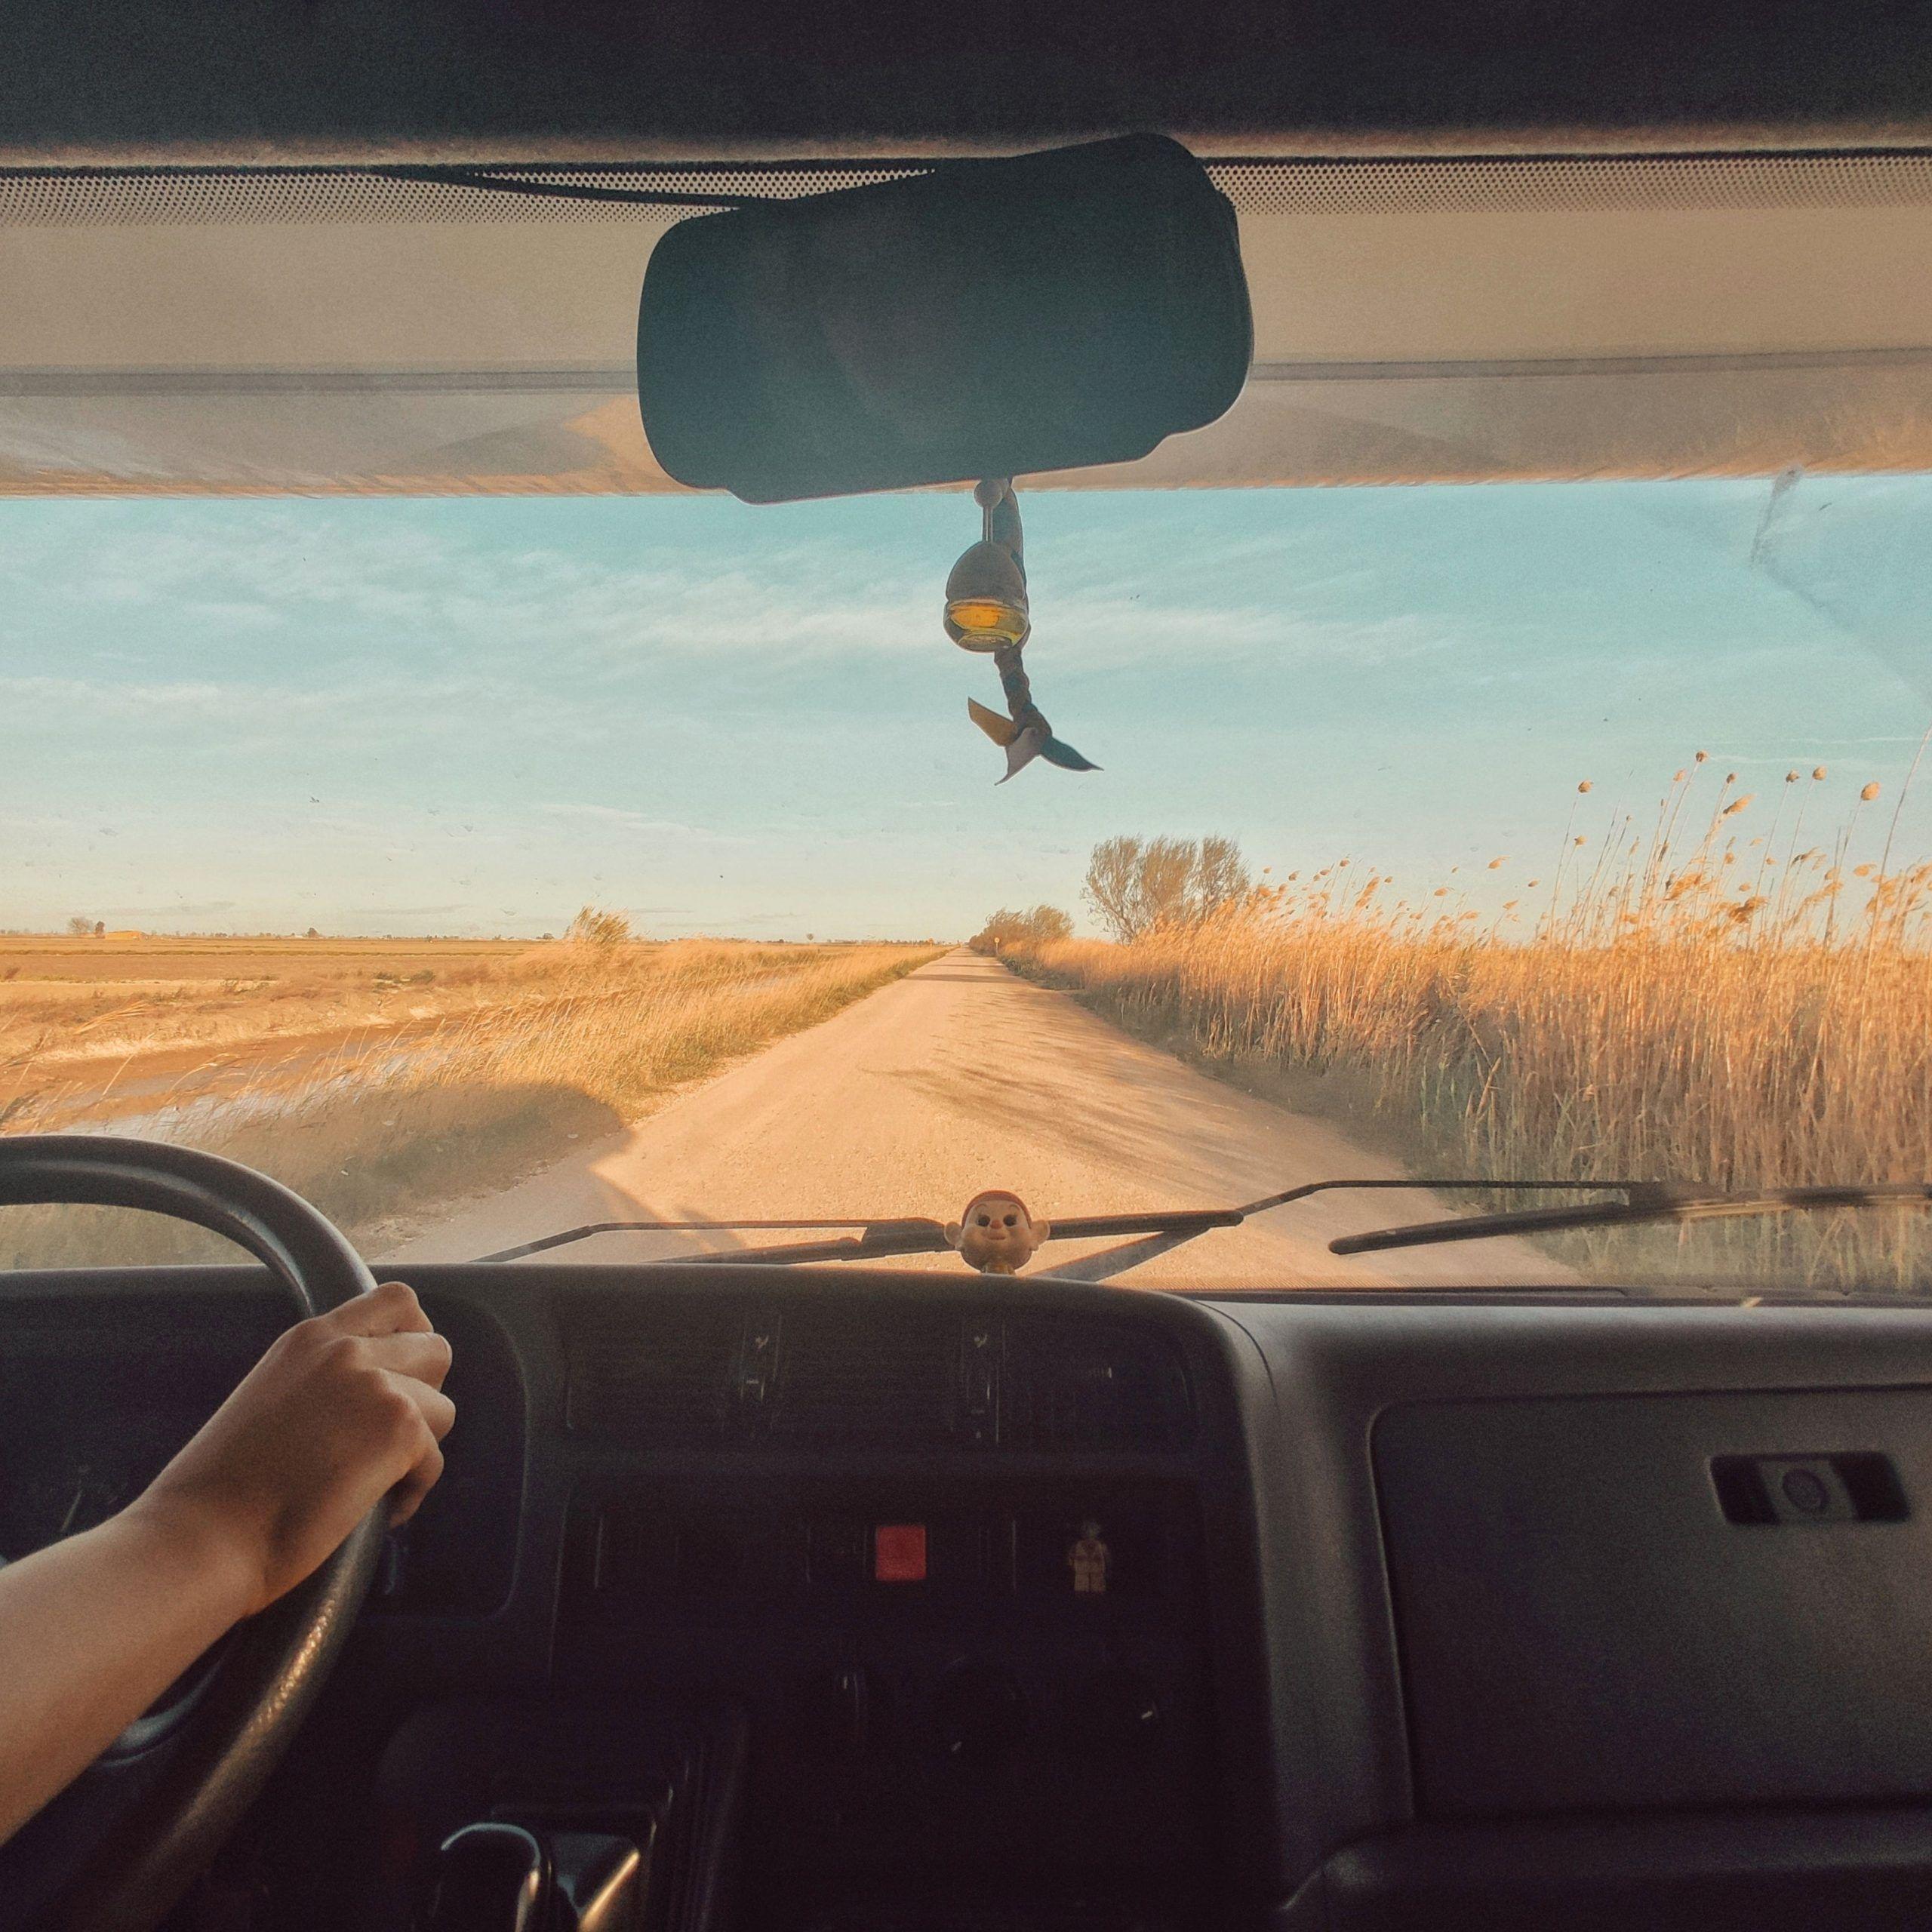 Carretera y cabina de la autocaravana